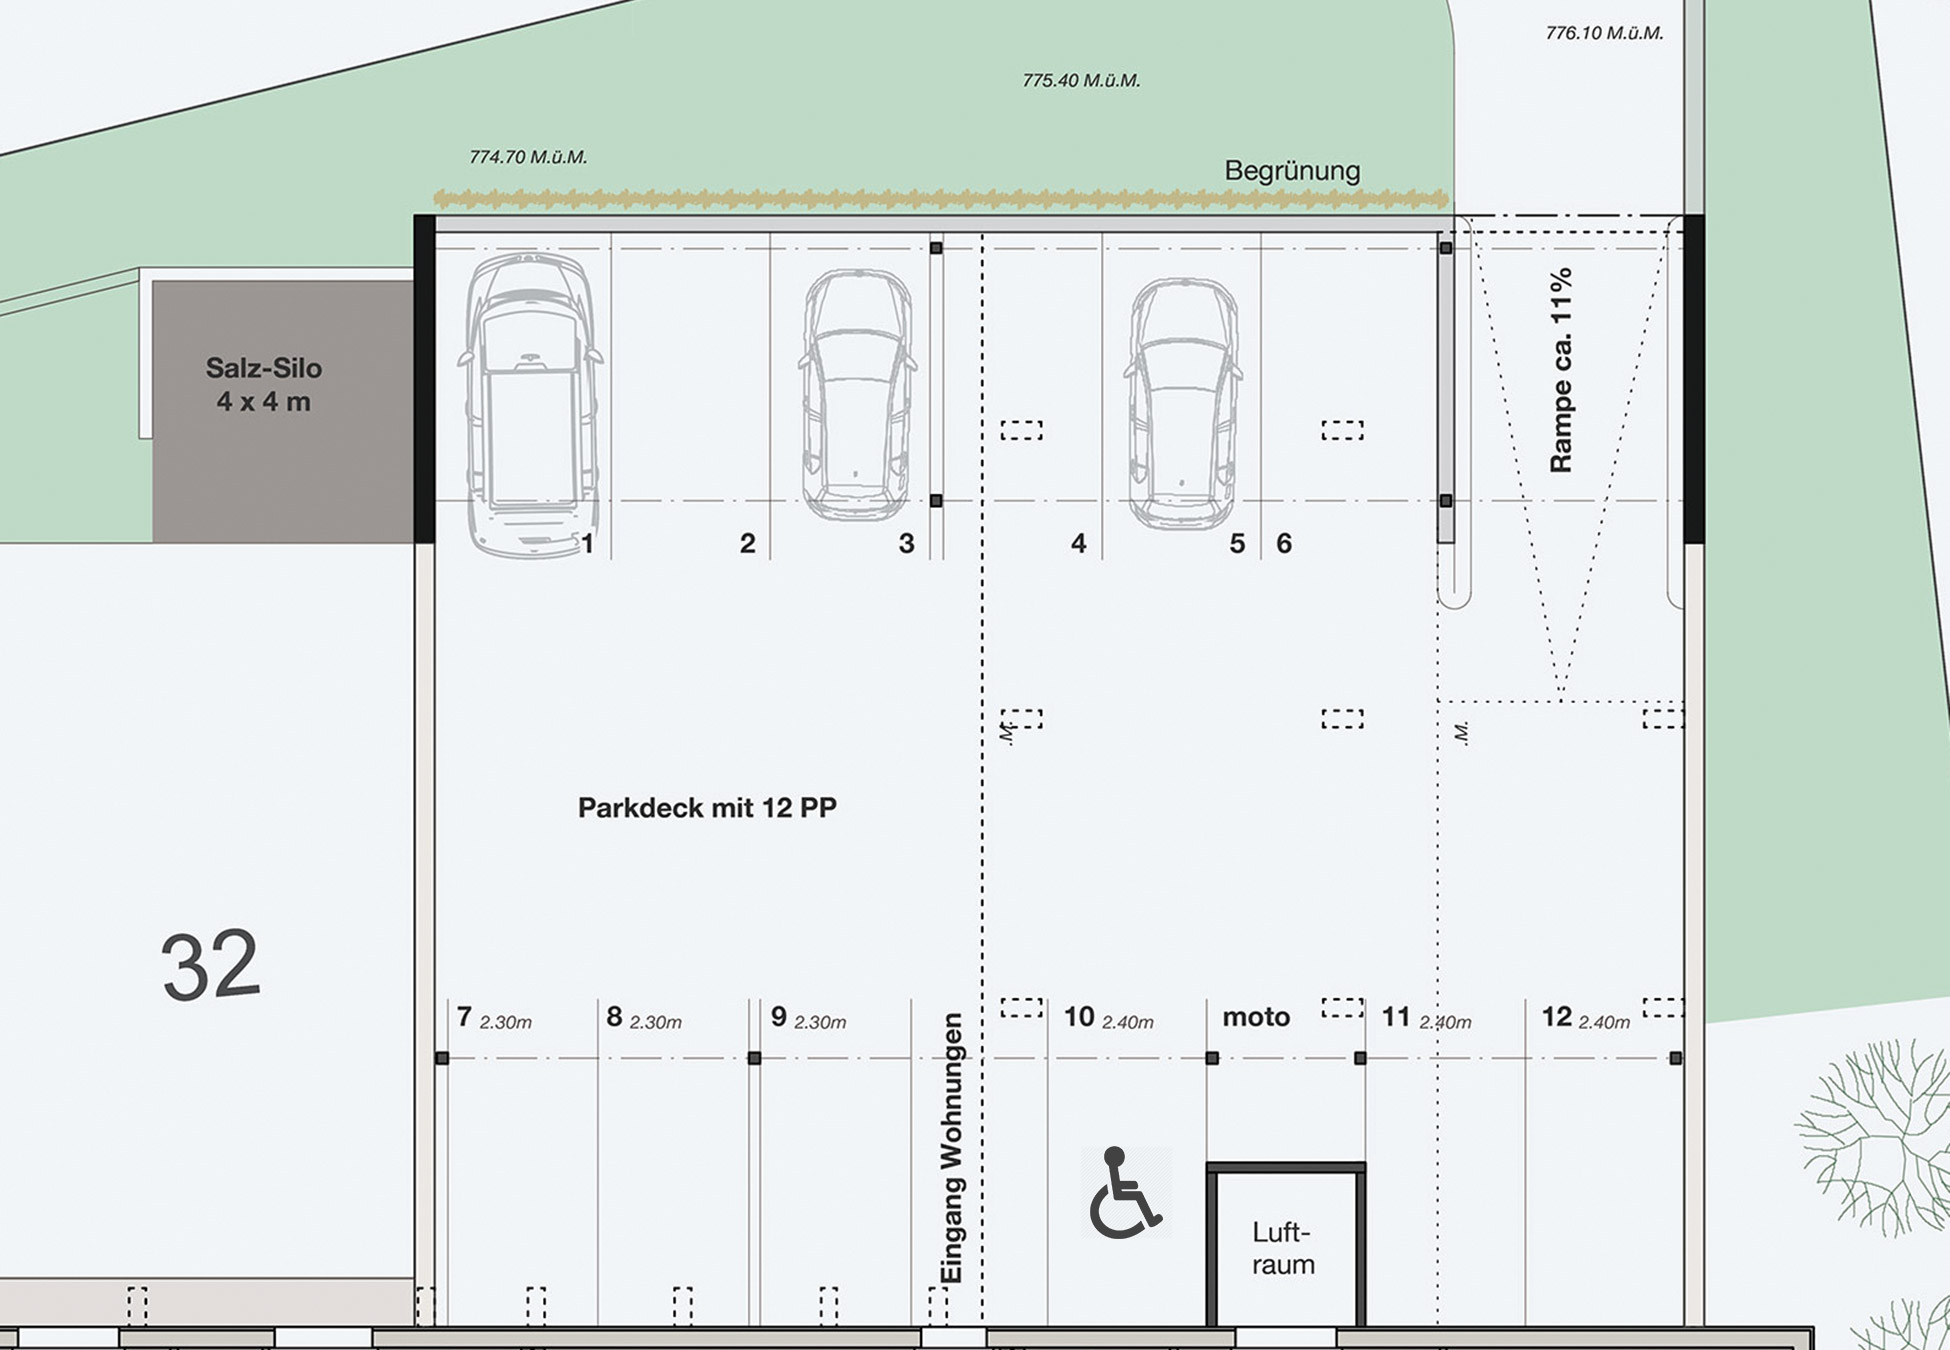 Parkplatz Abmessungen Norm